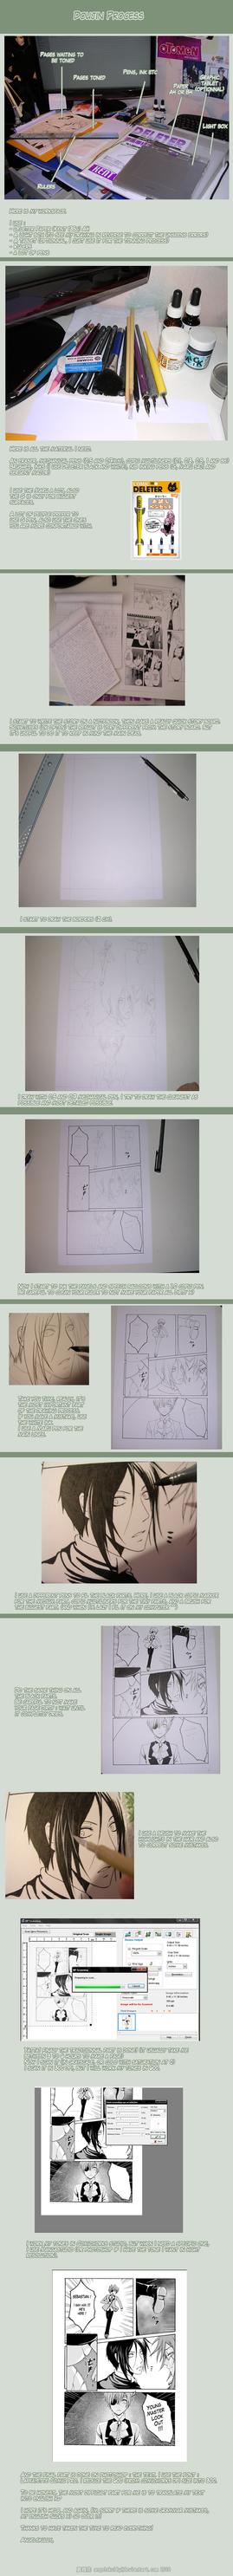 Doujin Process by kuro-mai